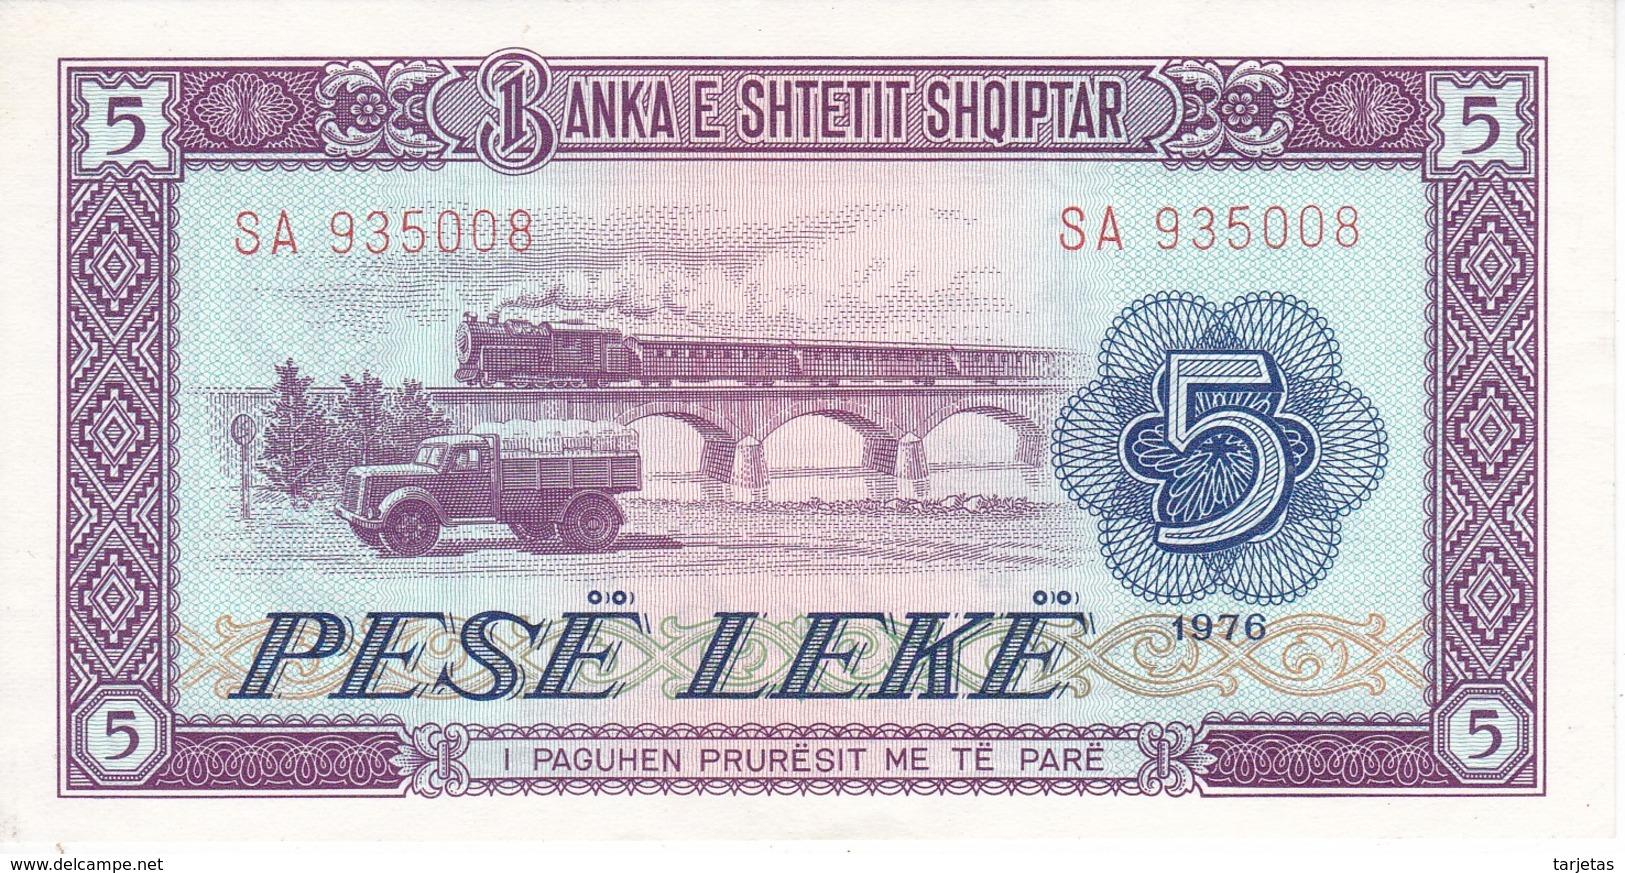 BILLETE DE ALBANIA DE 5 LEKE DEL AÑO 1976 EN CALIDAD EBC (XF) (BANKNOTE) - Albania